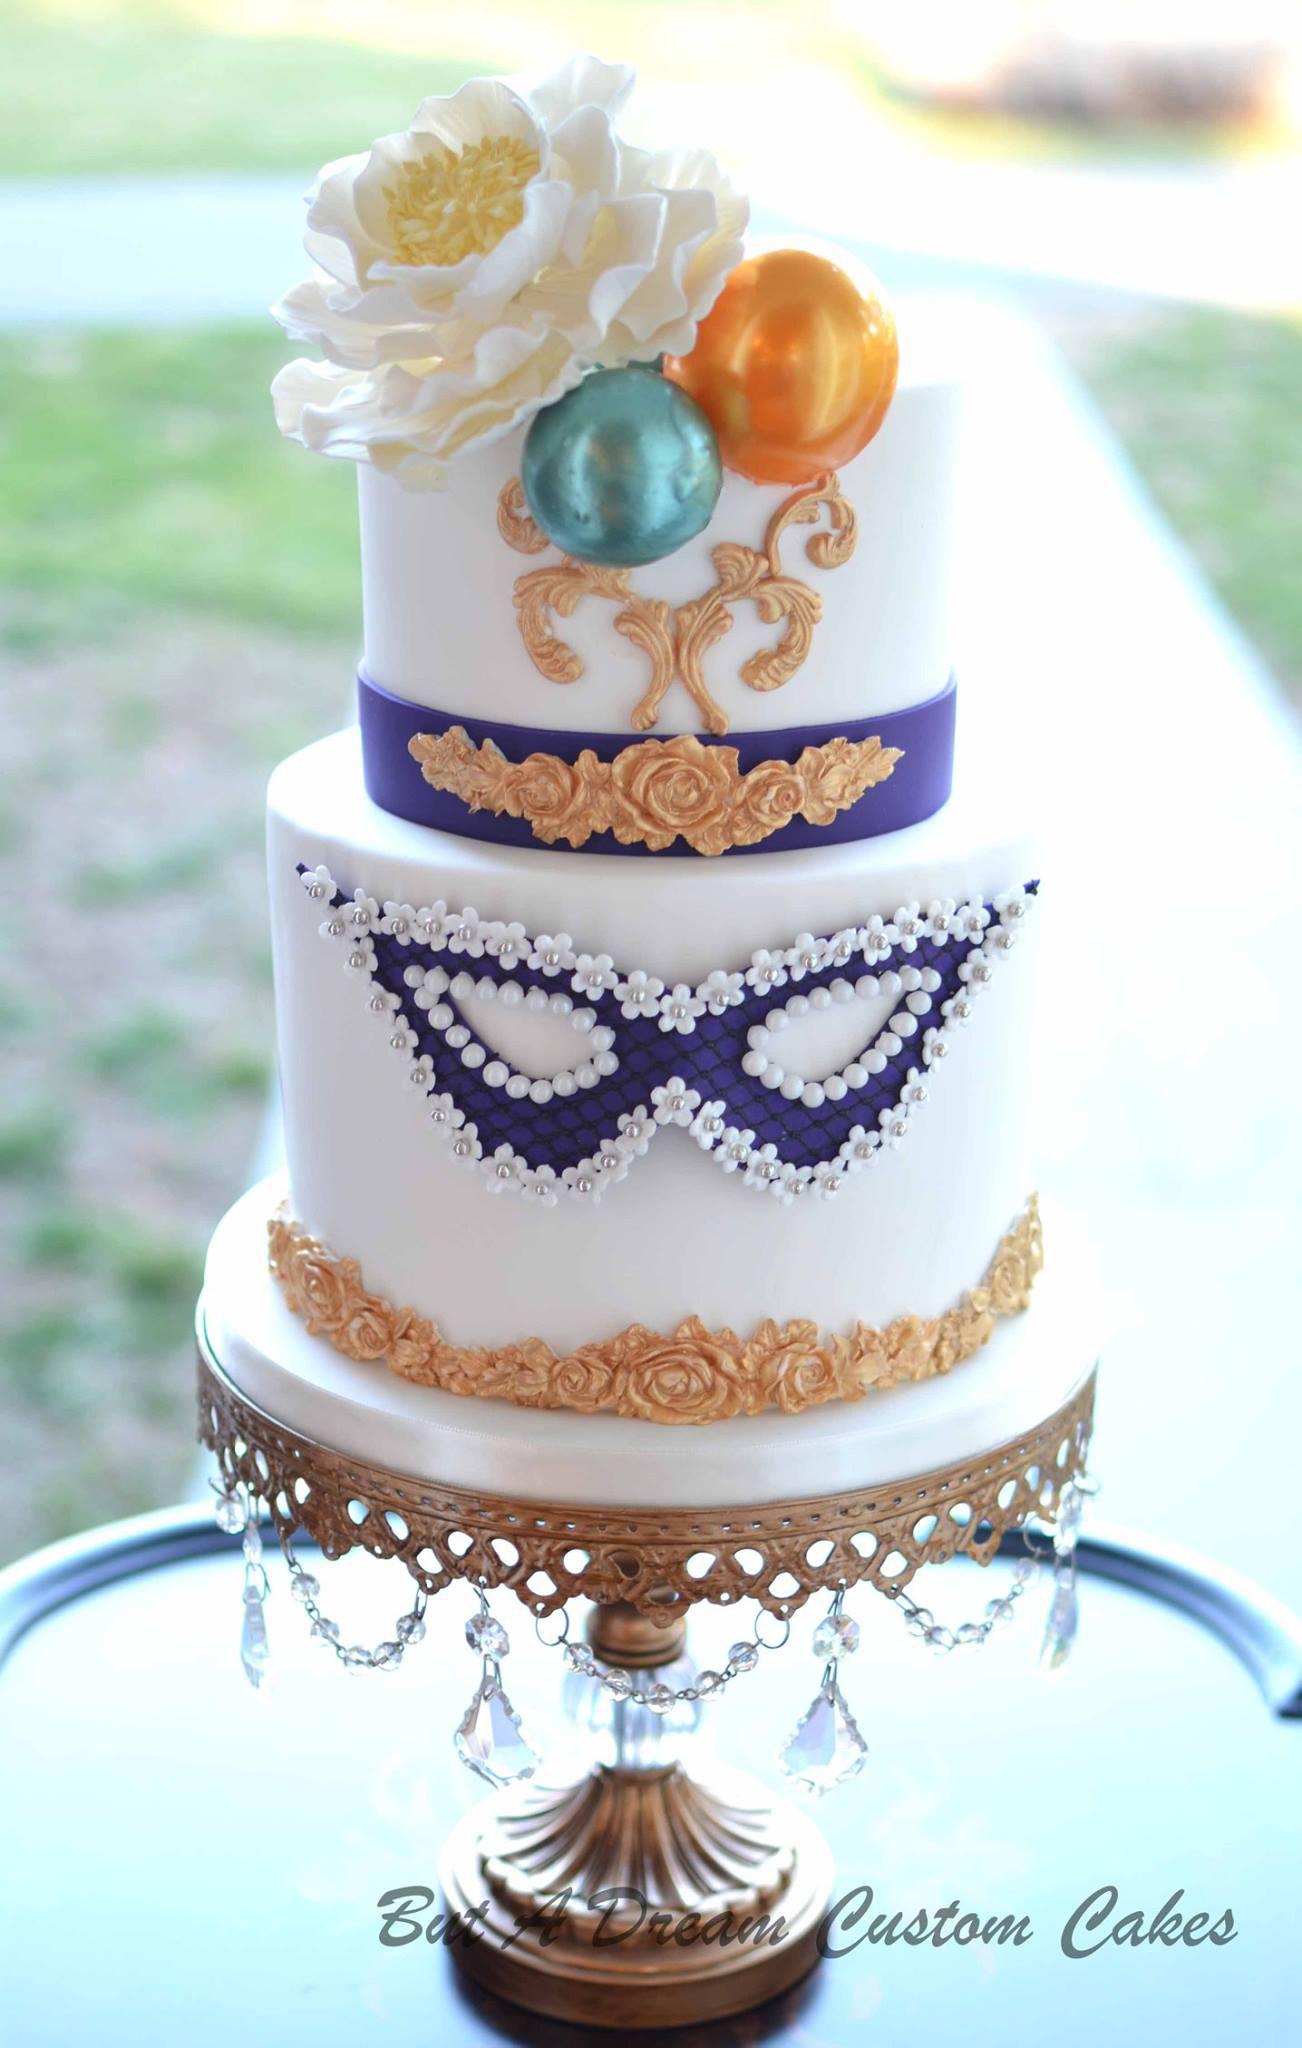 mardigras-birthday-cake-gold-cake-stand.jpg